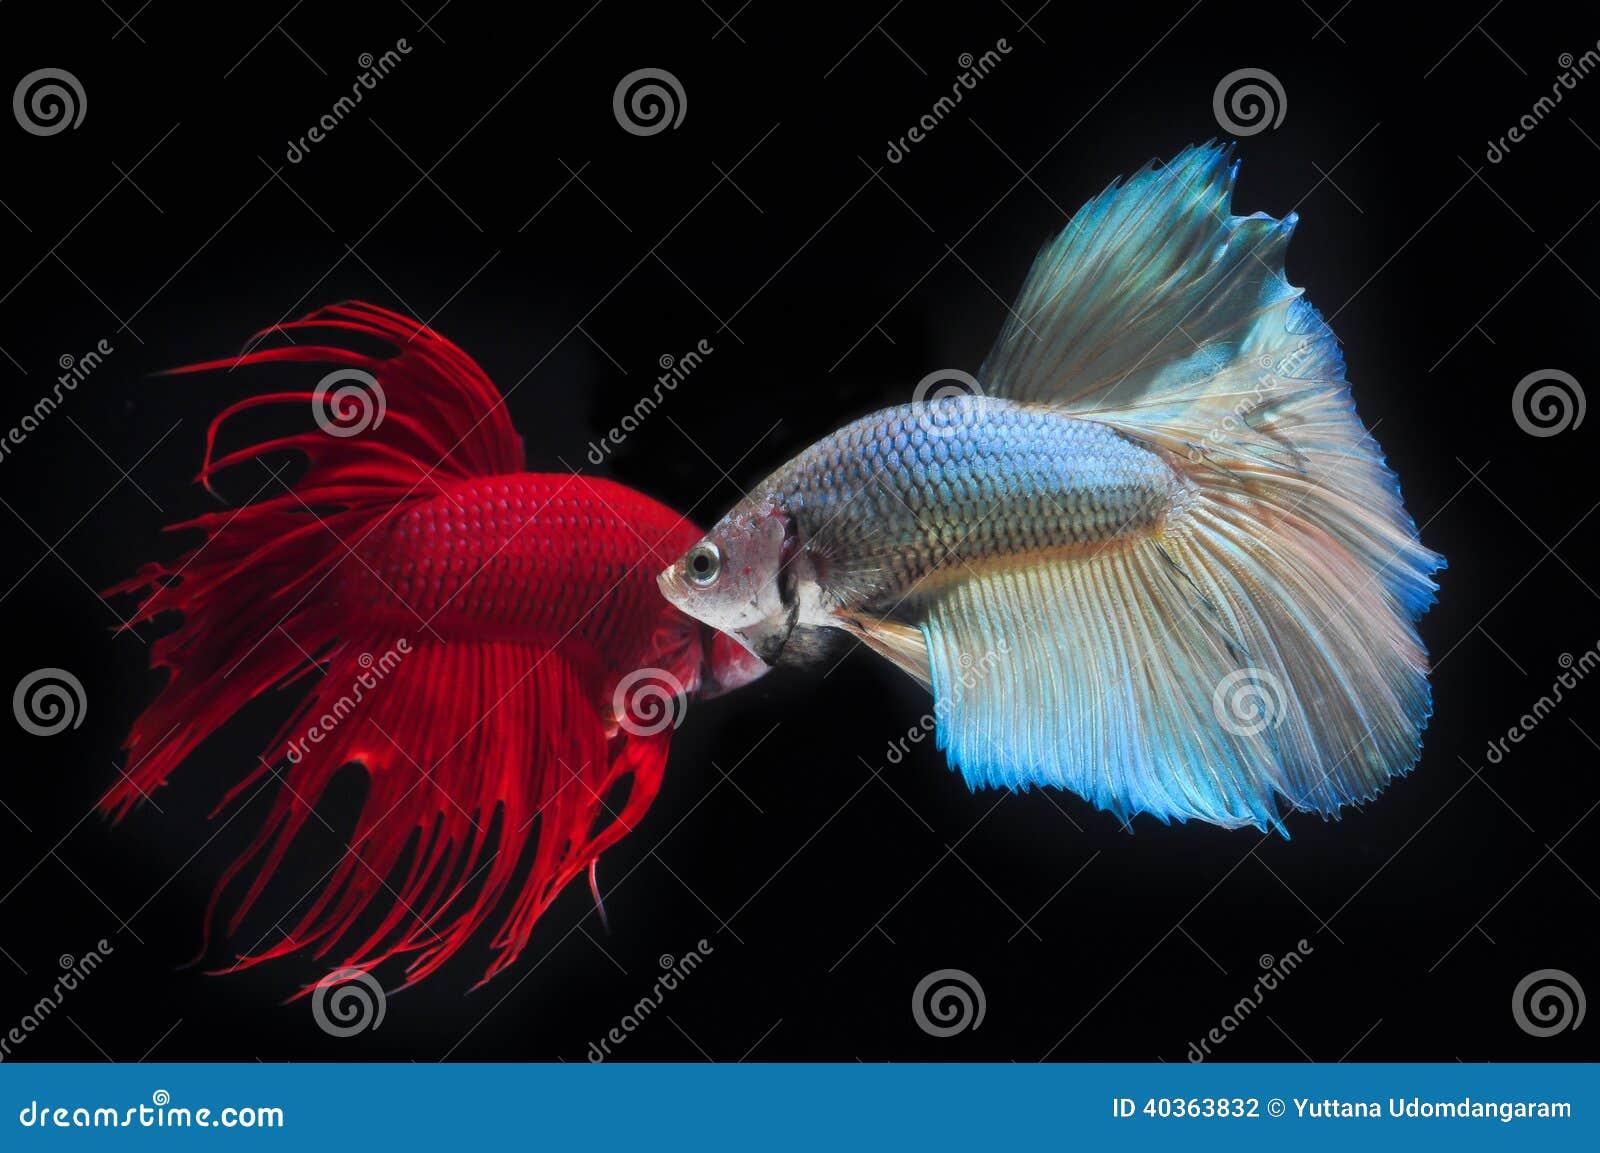 FIGHT FISH stock photo. Image of color, siamese, siam - 40363832